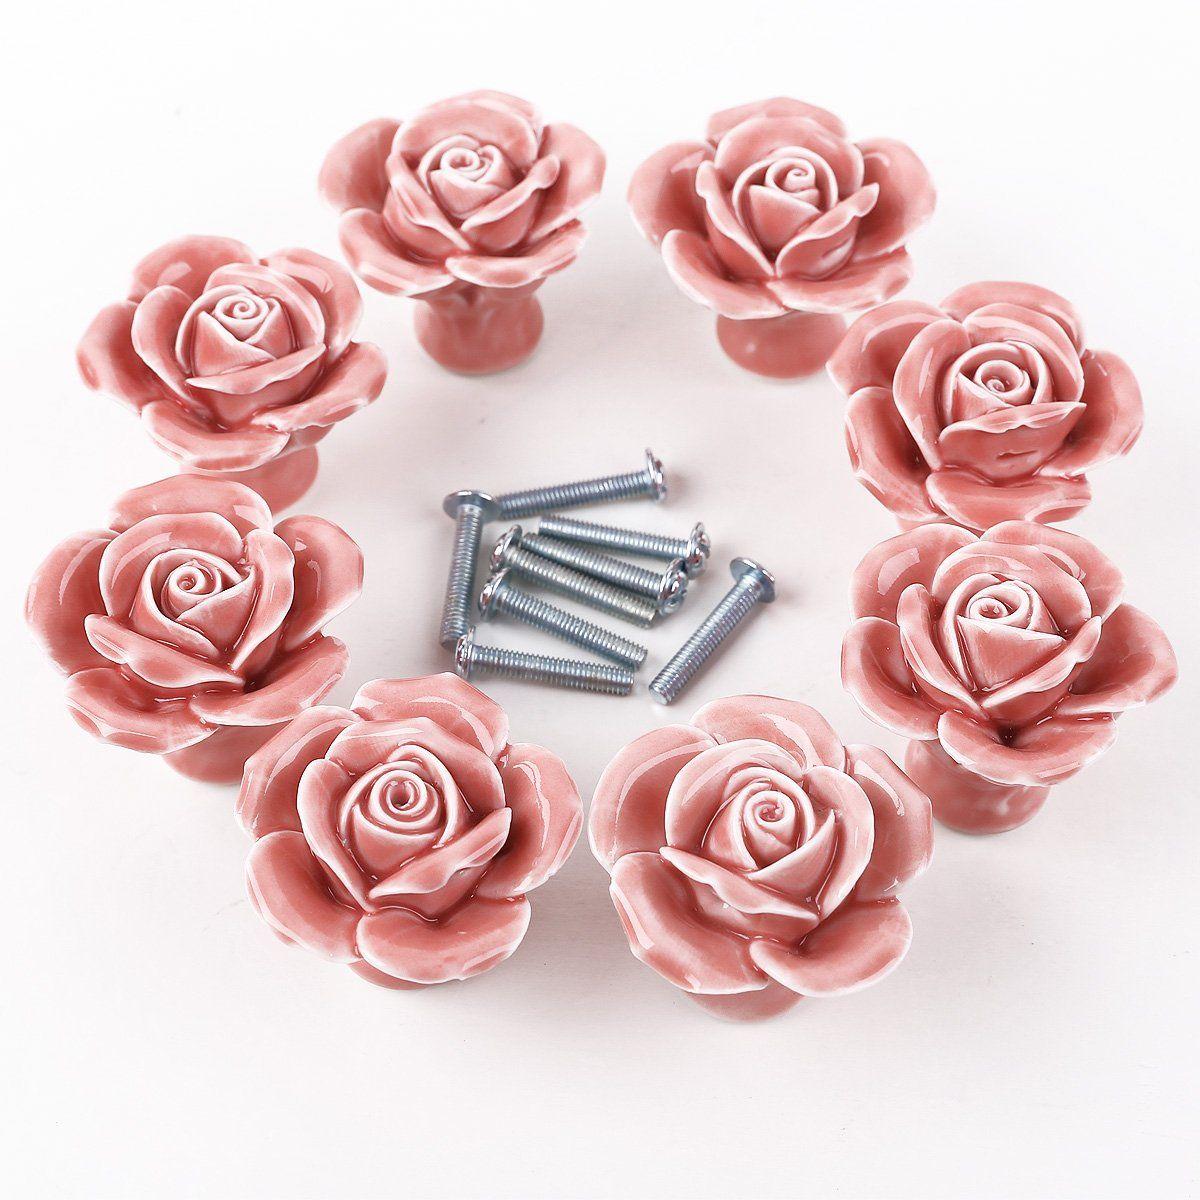 8x Poignée Bouton 30mm verre cristal rose pour armoire placard commode